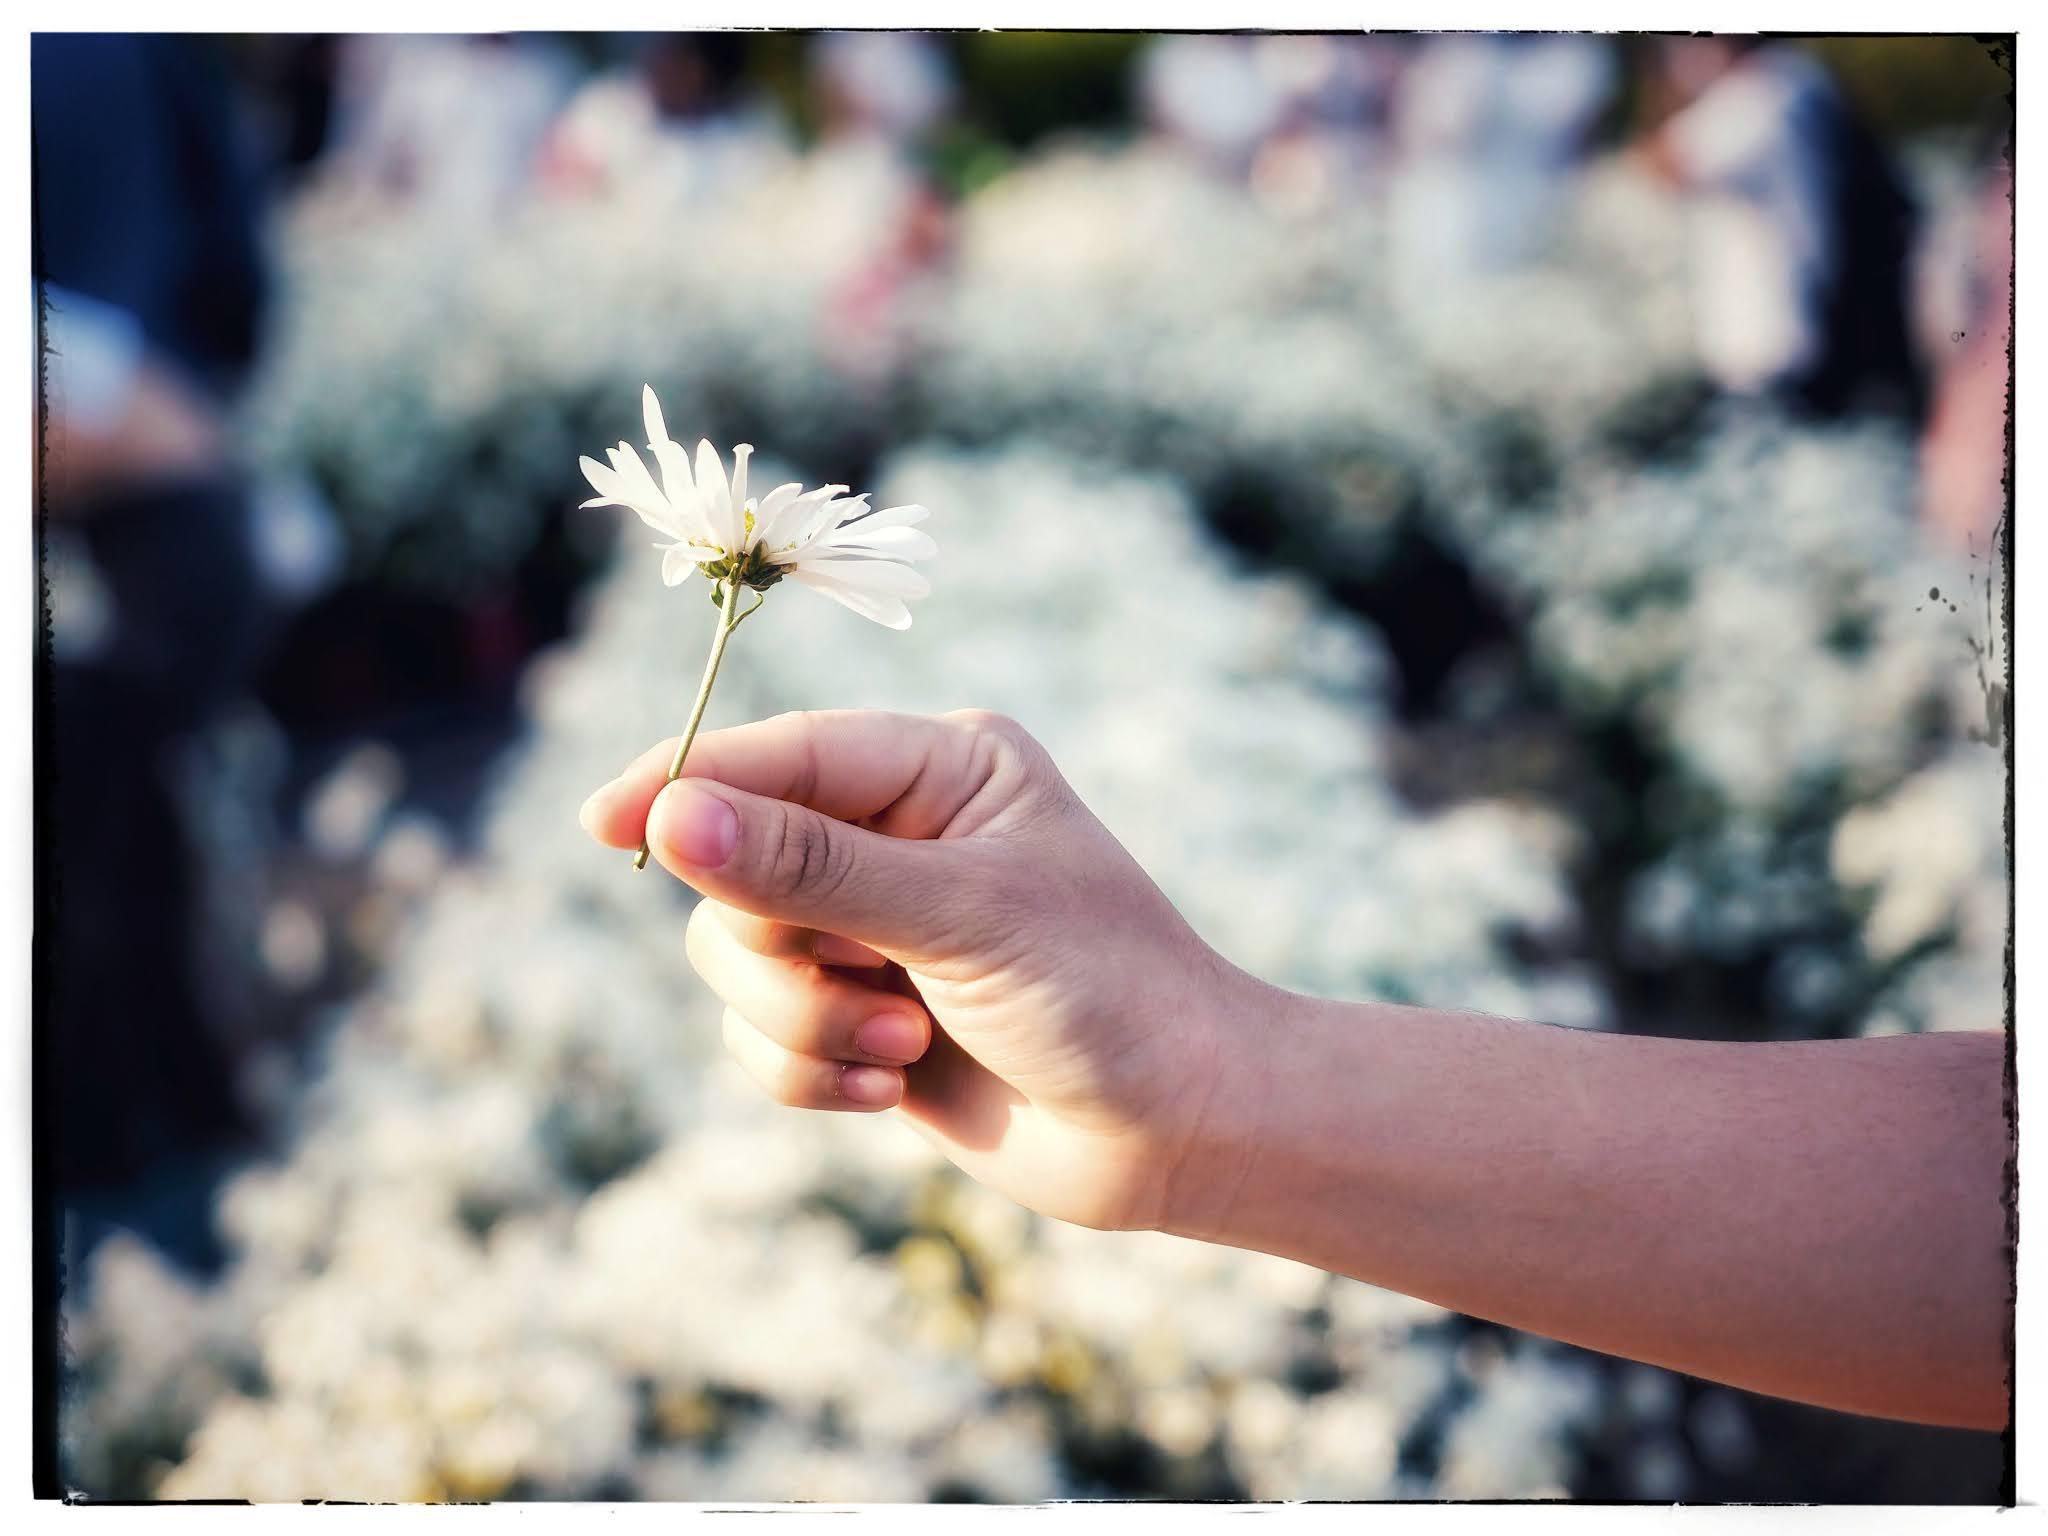 Thông tin chi tiết vườn hoa cúc họa mi nở rộ trong nắng xuân tại Đà Nẵng